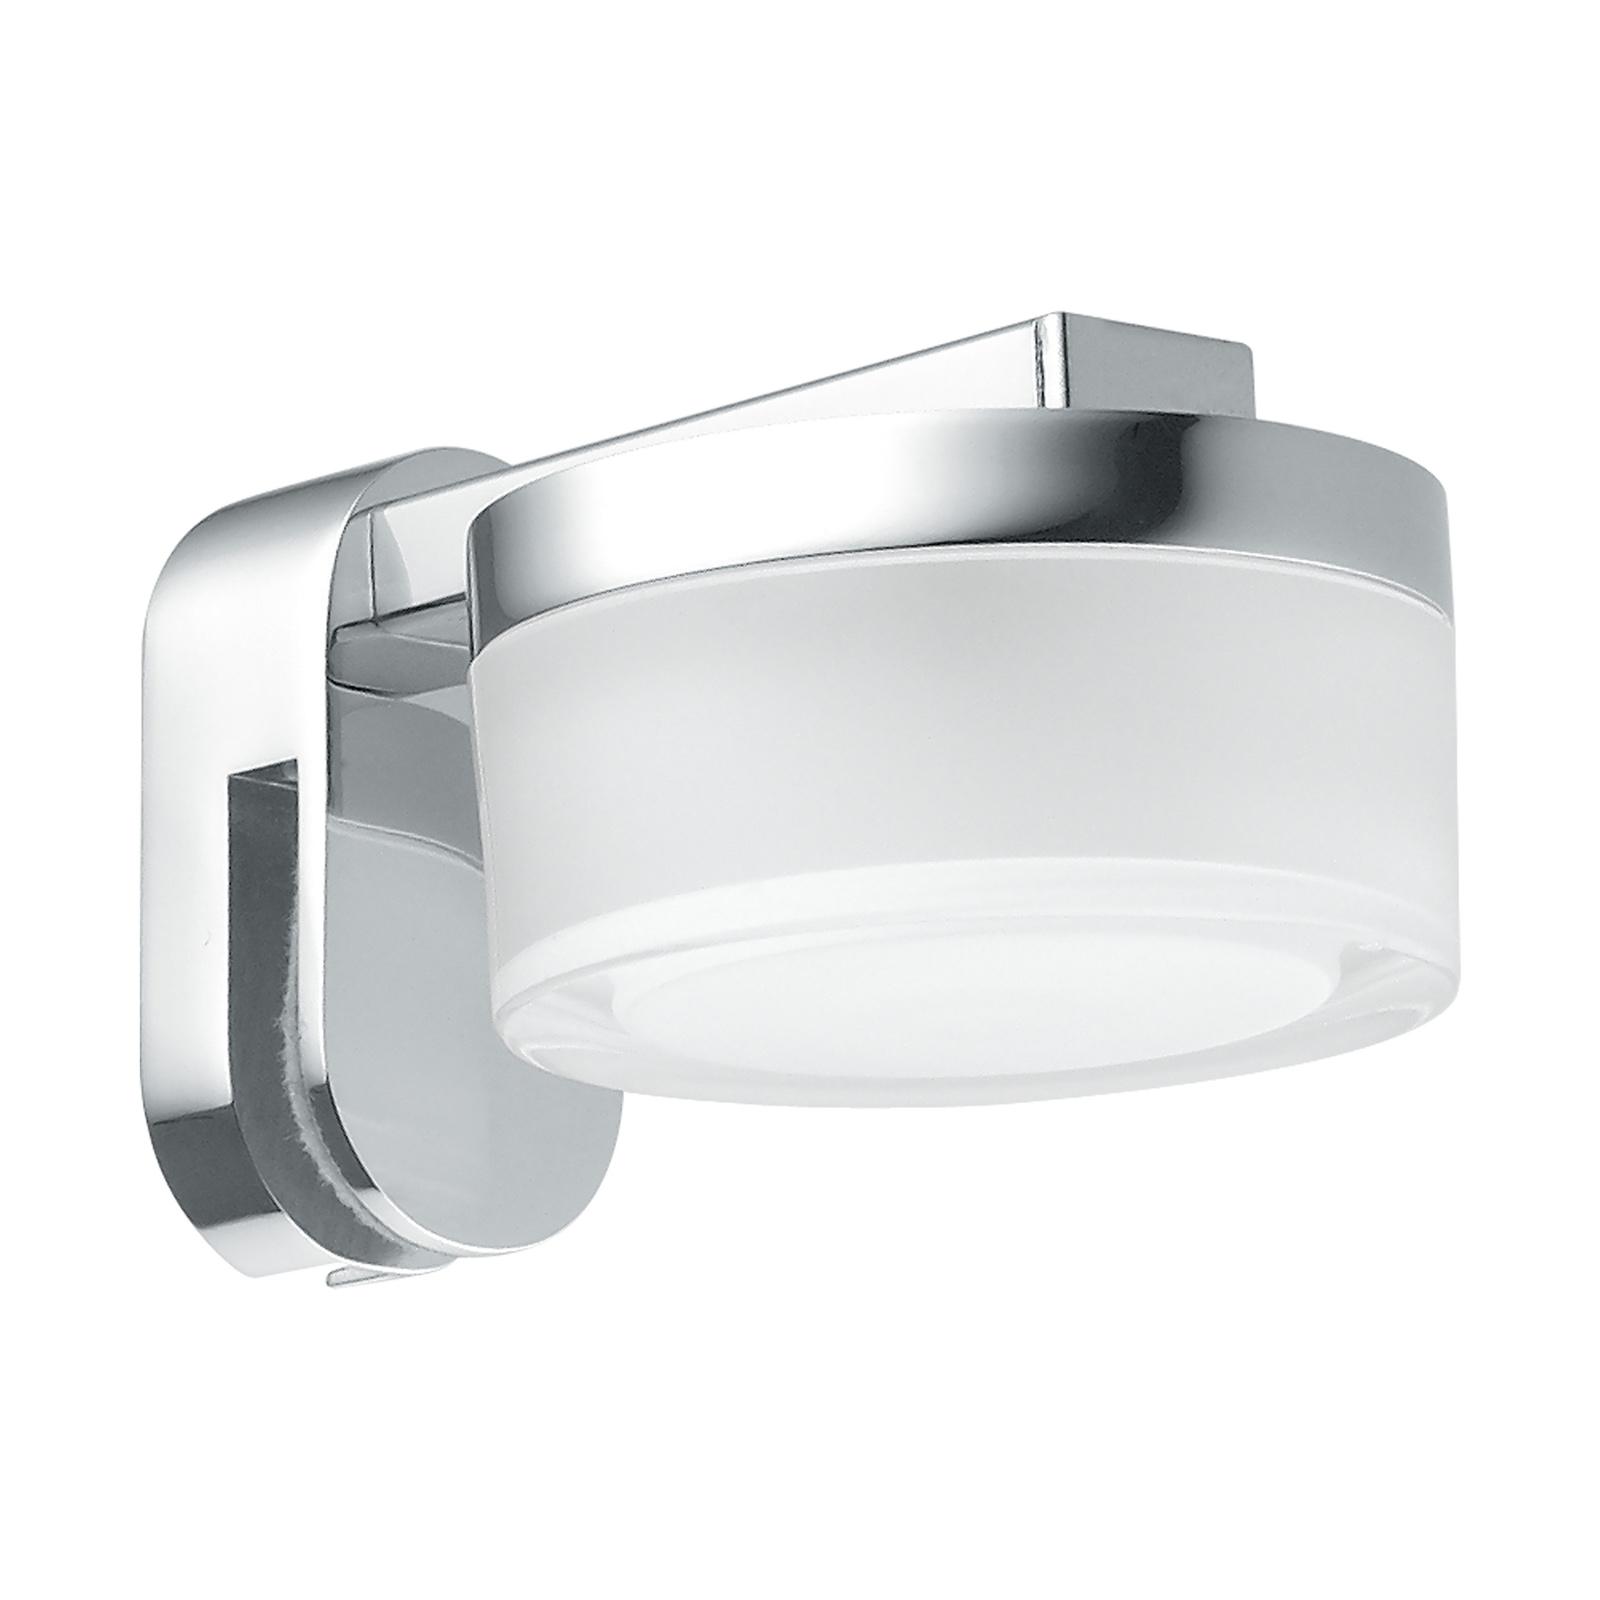 Lampada LED Romendo da fissaggio su specchio